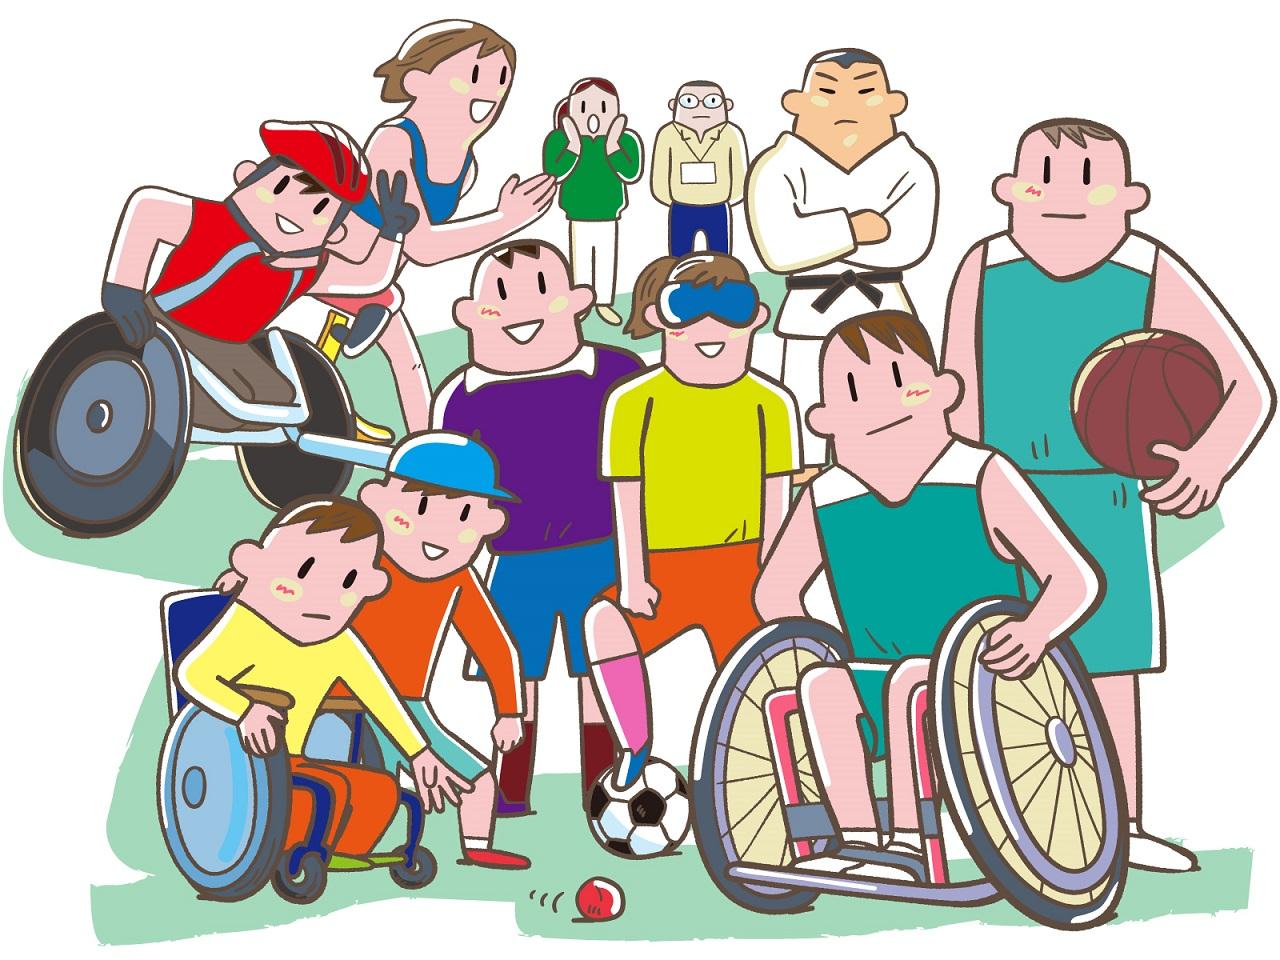 パラスポーツに思う🌈前に進む力